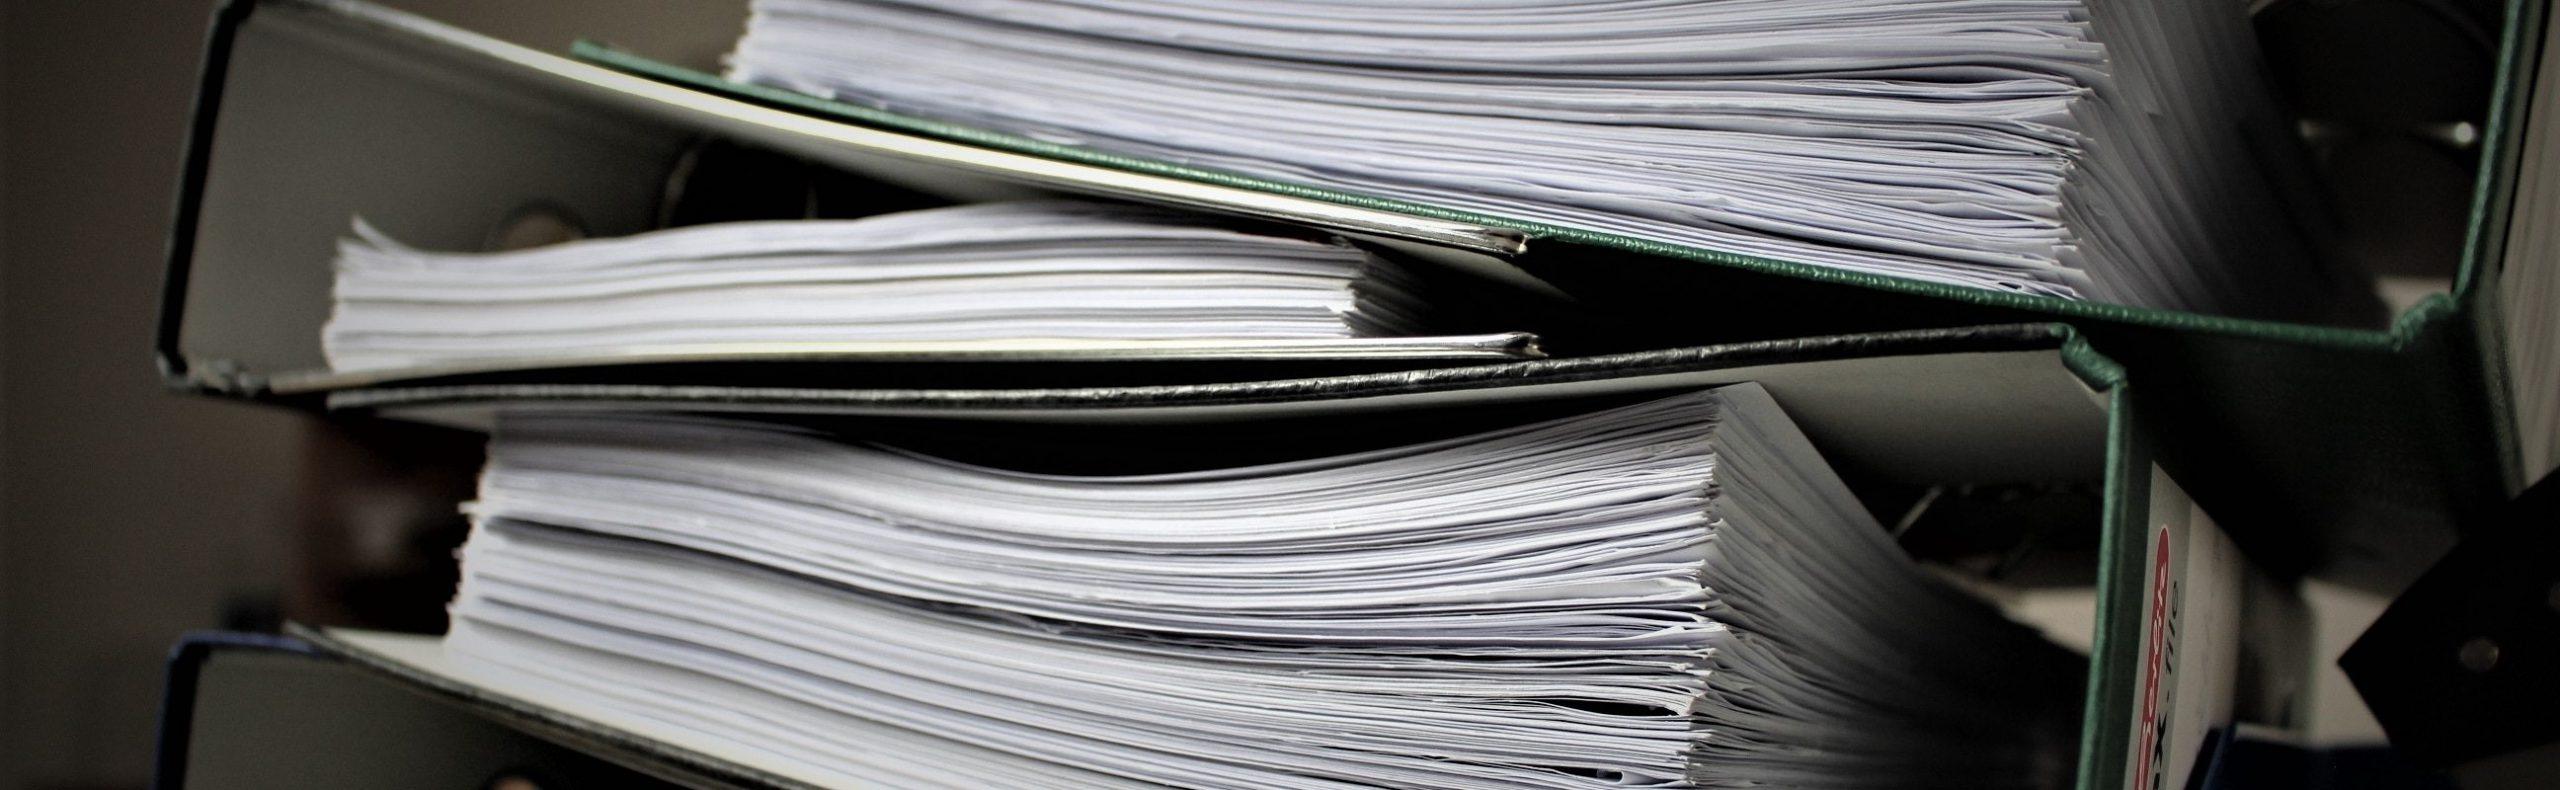 waarom je bij Inhuurkaart niets leest over de Commissie Borstlap